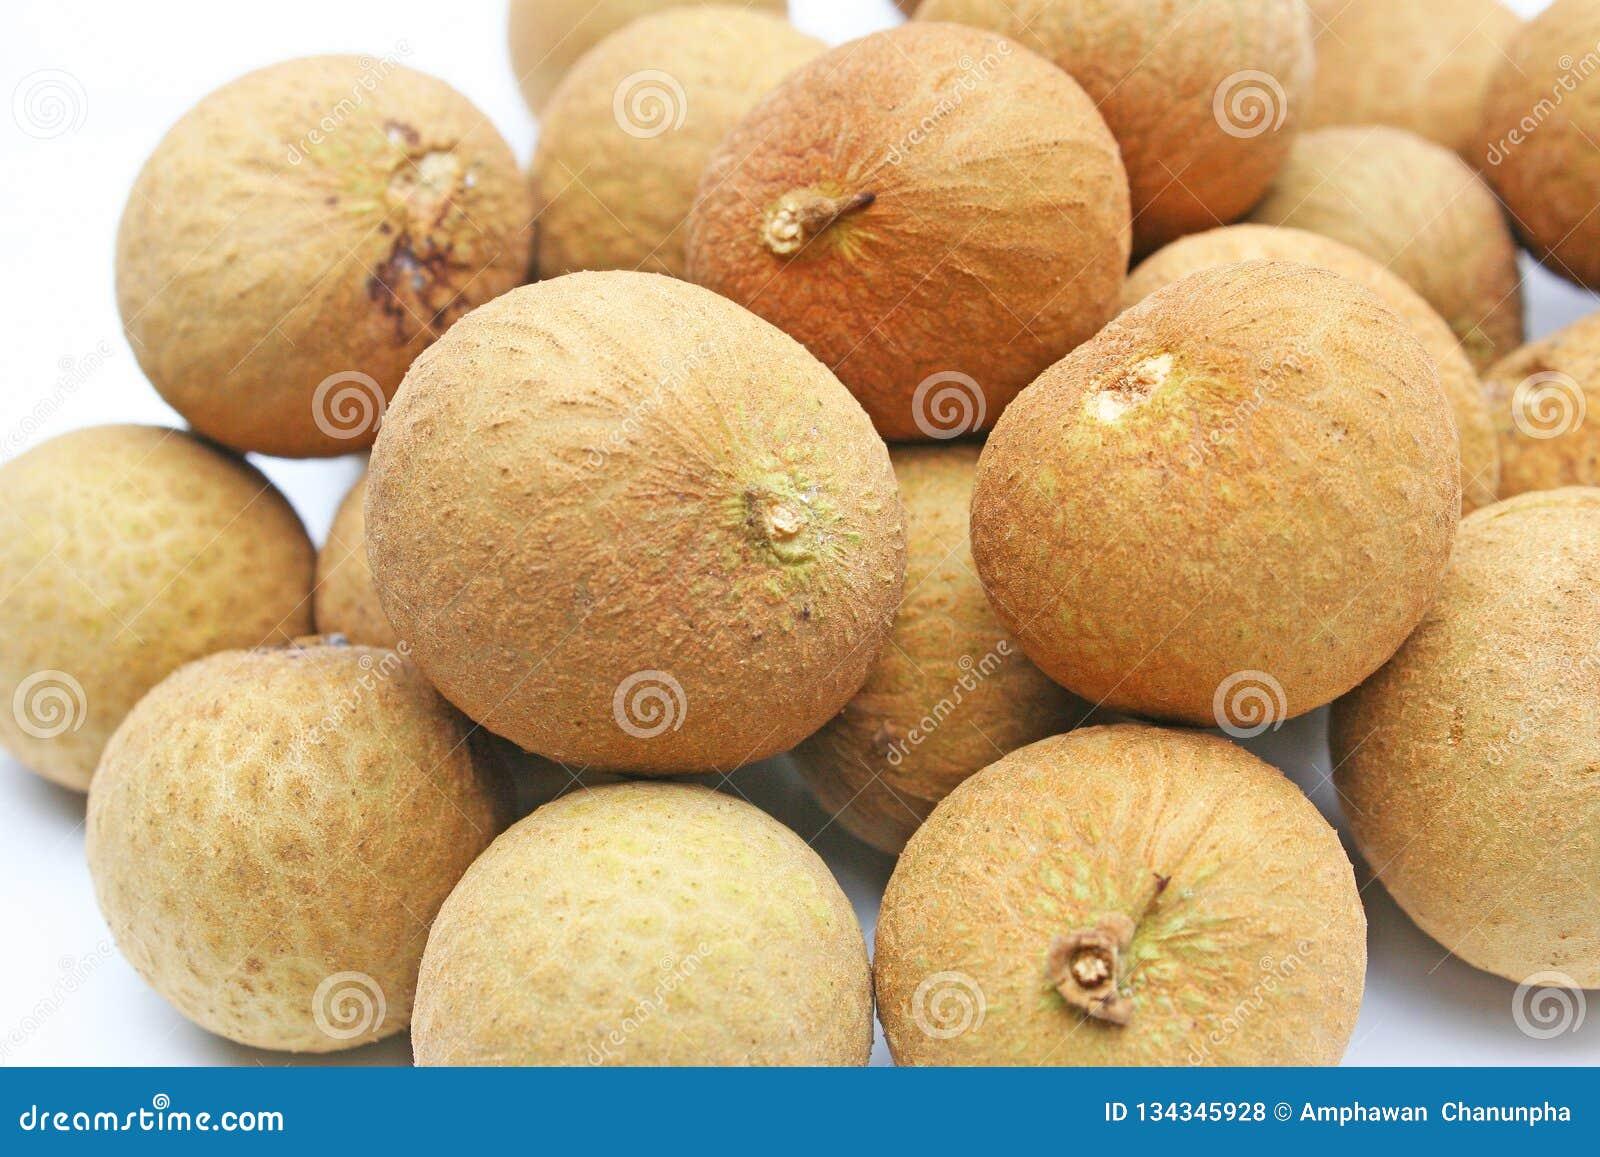 Longanfrucht auf weißer Platte